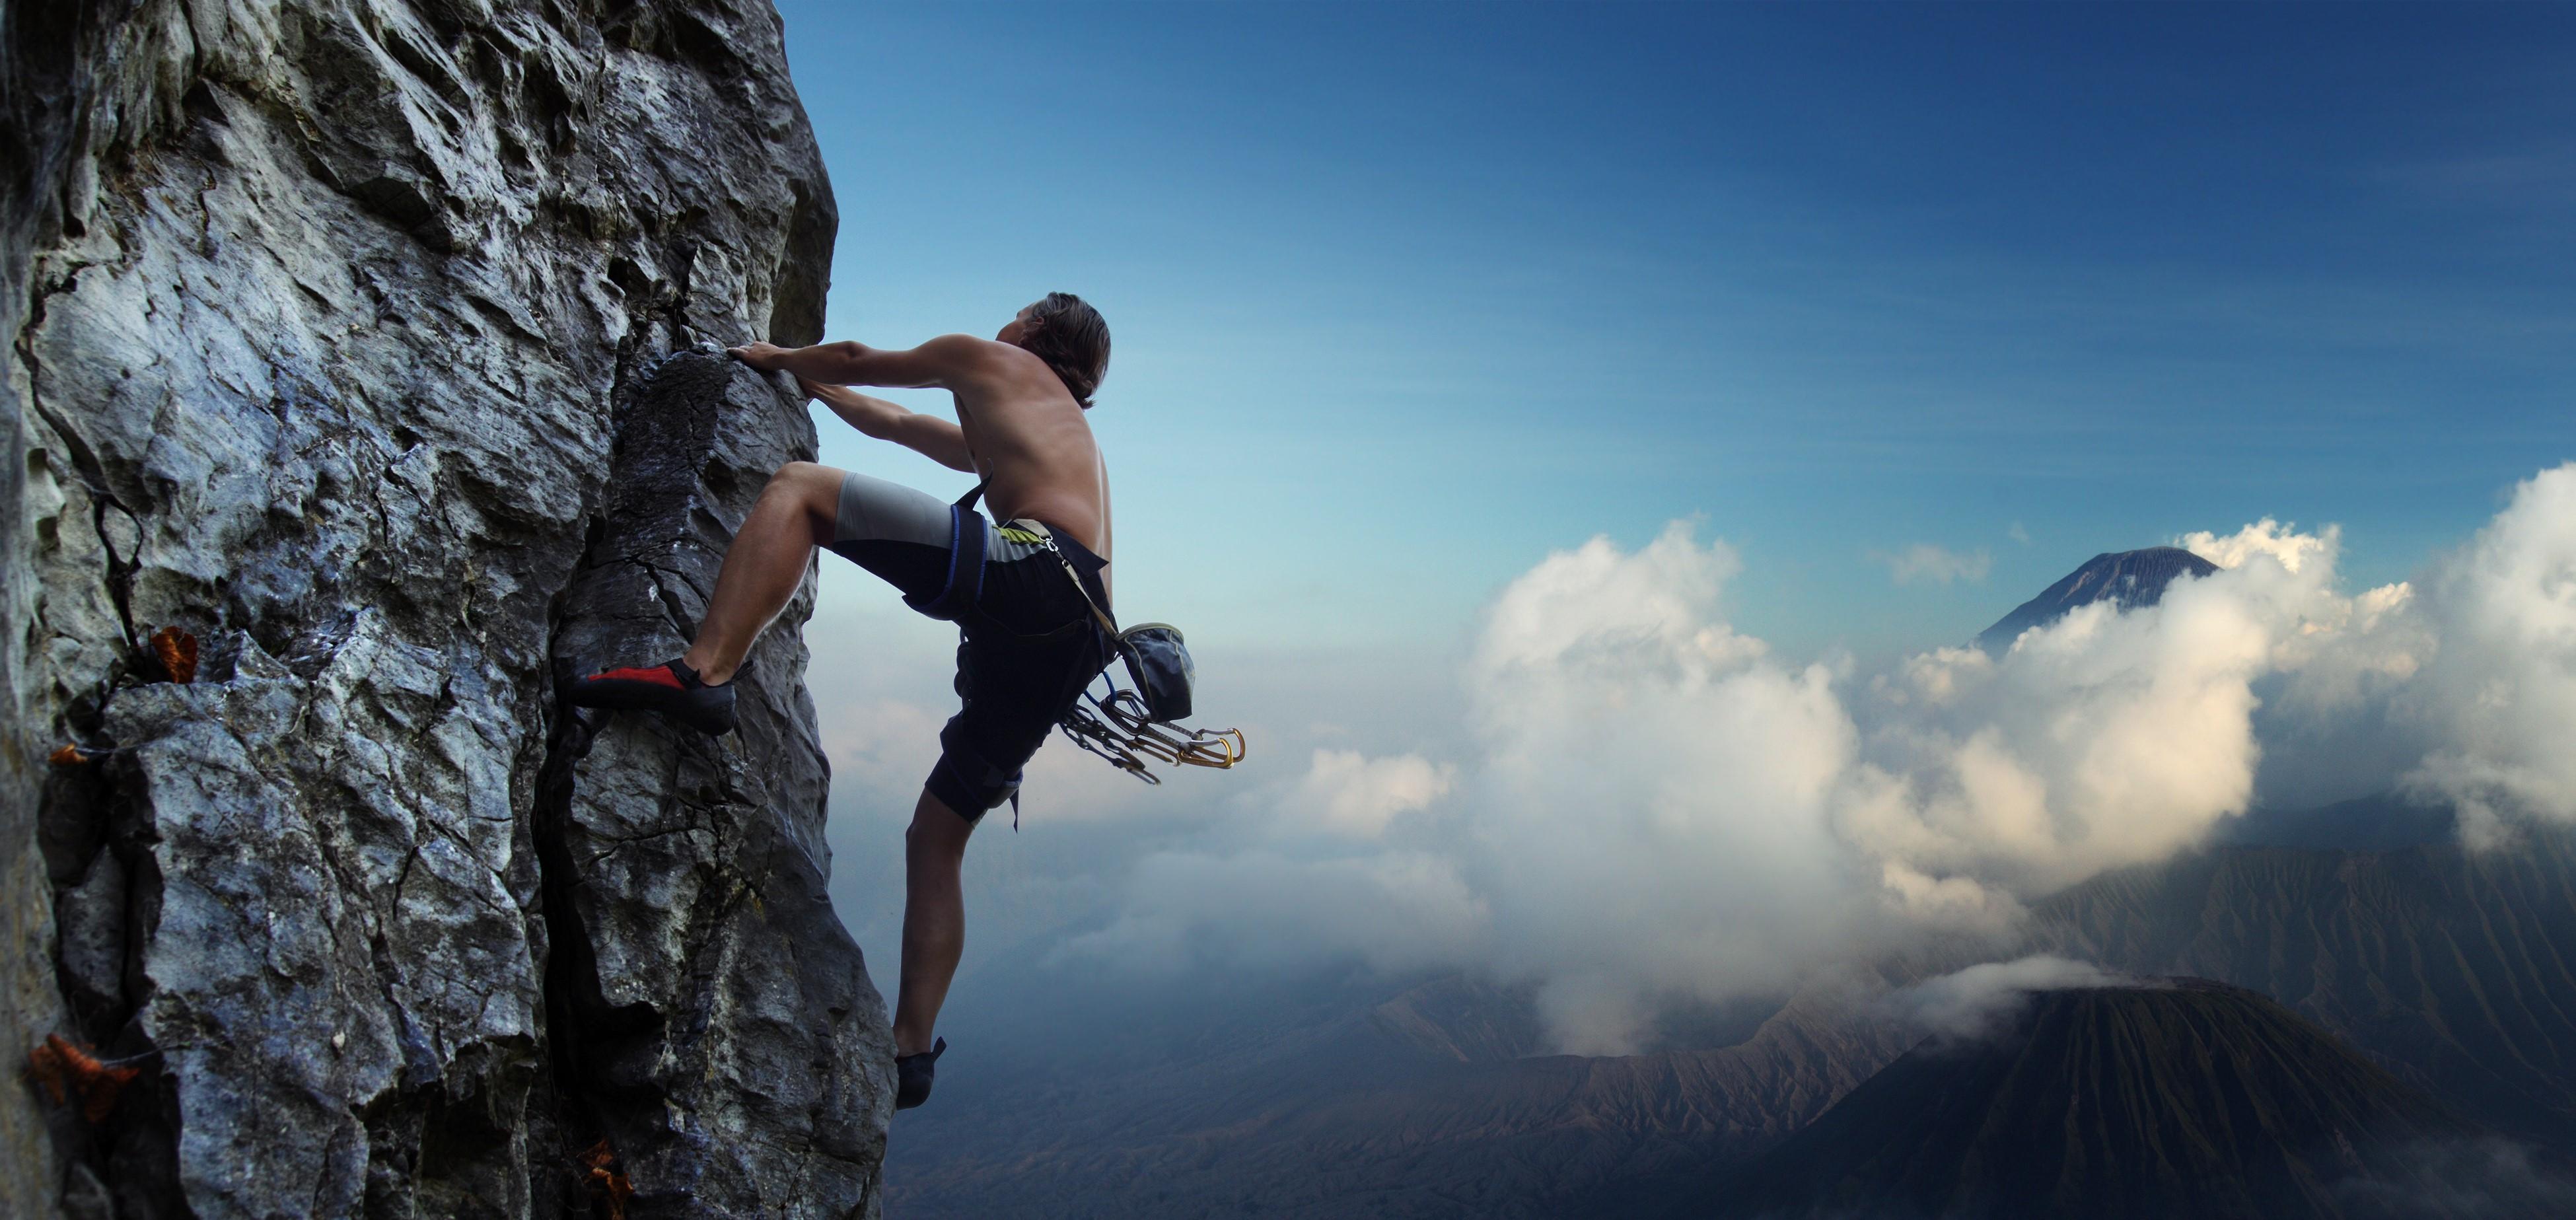 Mann beim Klettern am Berg | Dein Personal Trainer Berlin